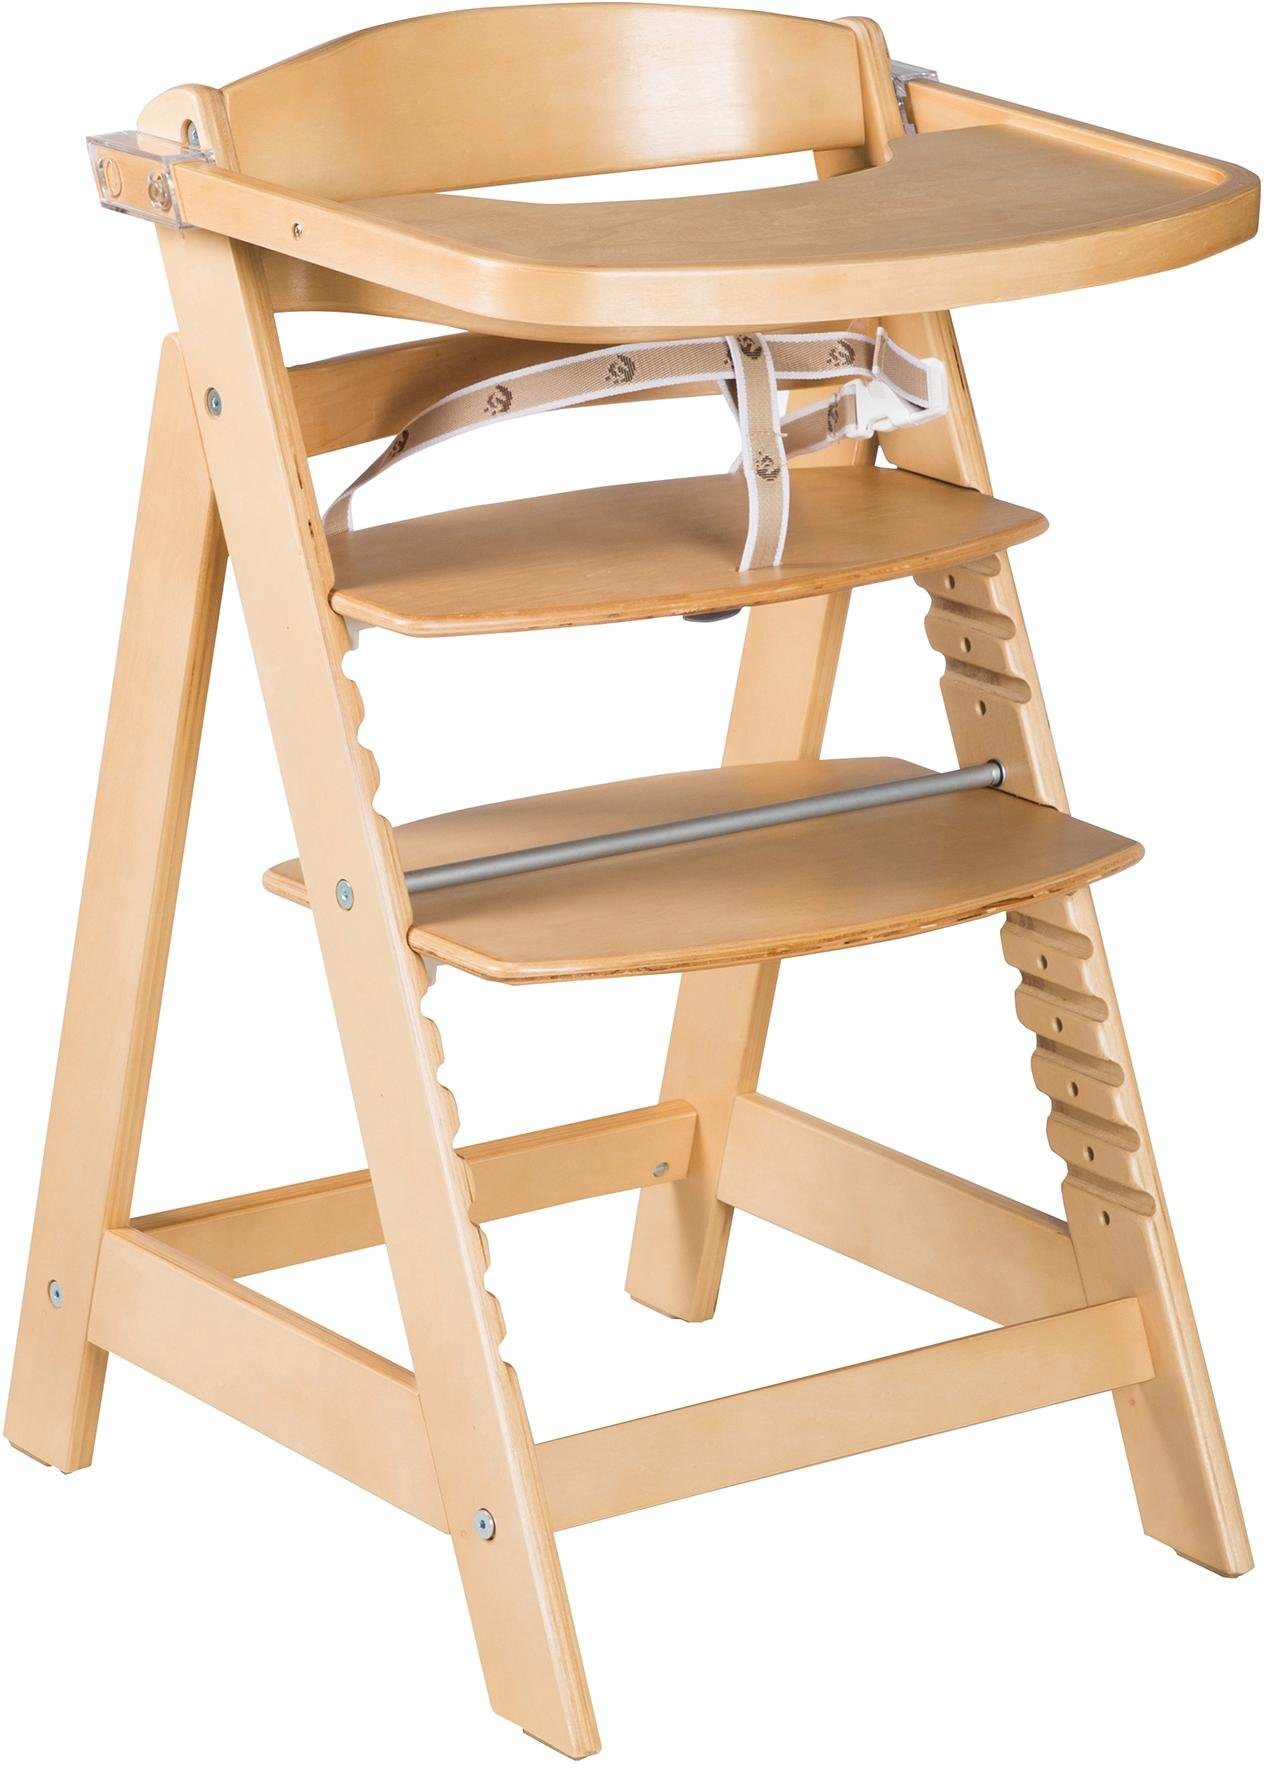 Roba Hochstuhl aus Holz, »Treppenhochstuhl Sit Up Click & Fun, natur« | Kinderzimmer > Kinderzimmerstühle > Hochstühle | Holz | Roba®